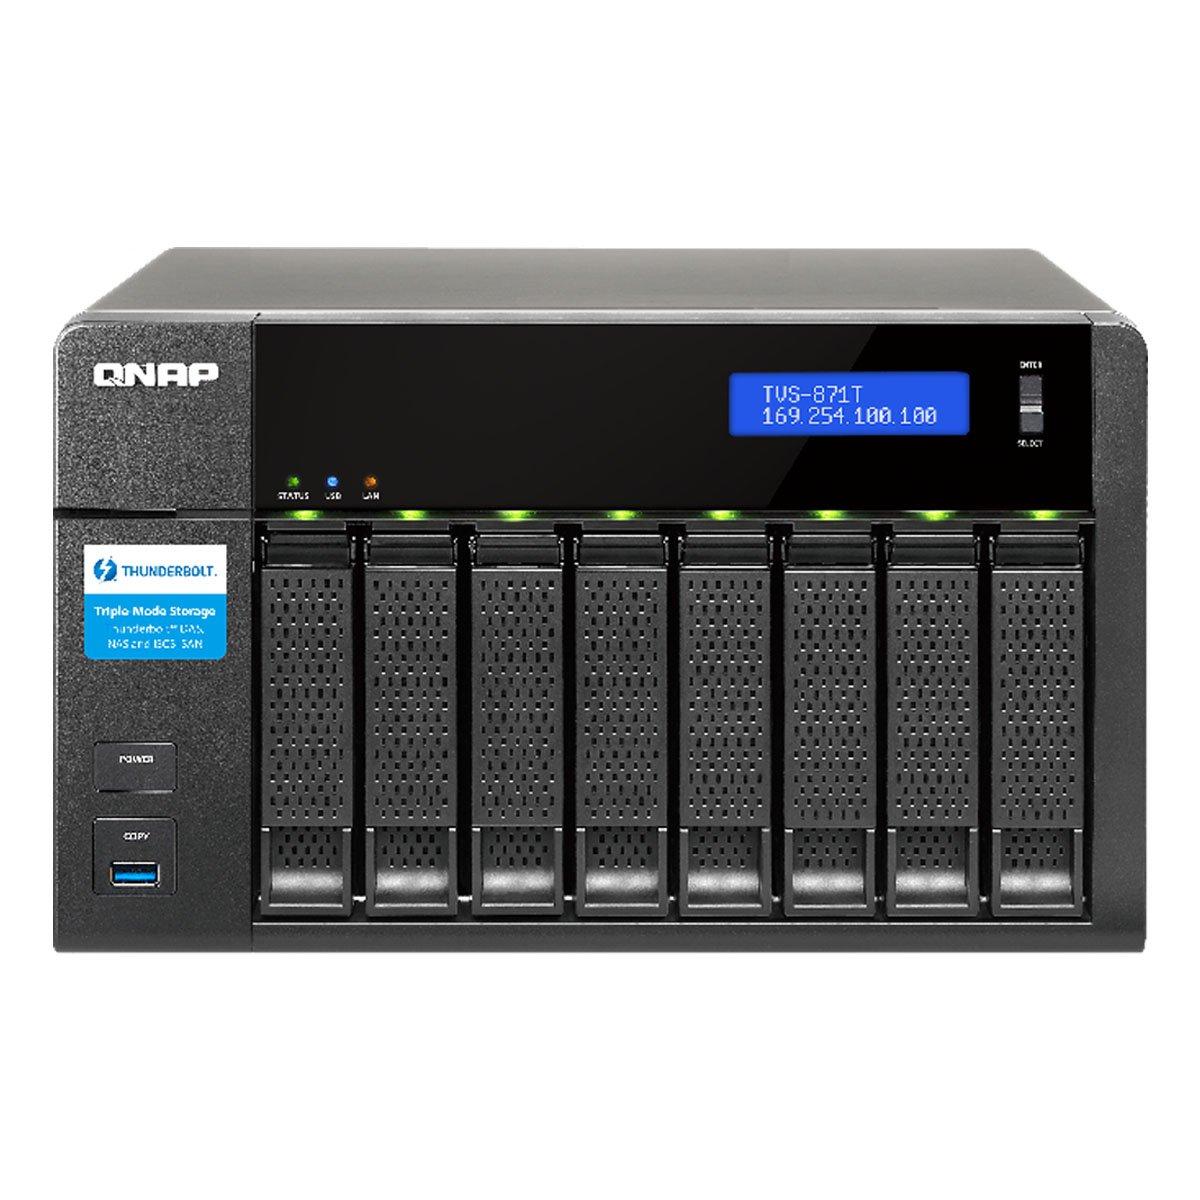 【着後レビューで 送料無料】 QNAP(キューナップ) B015DF0Q50 TVS-871T Thunderbolt2.0対応 Thunderbolt2.0対応 10GbEインターフェース搭載 TVS-871T 8ベイハイエンドNAS B015DF0Q50, 銀座ランプショップ:05b2abac --- arianechie.dominiotemporario.com